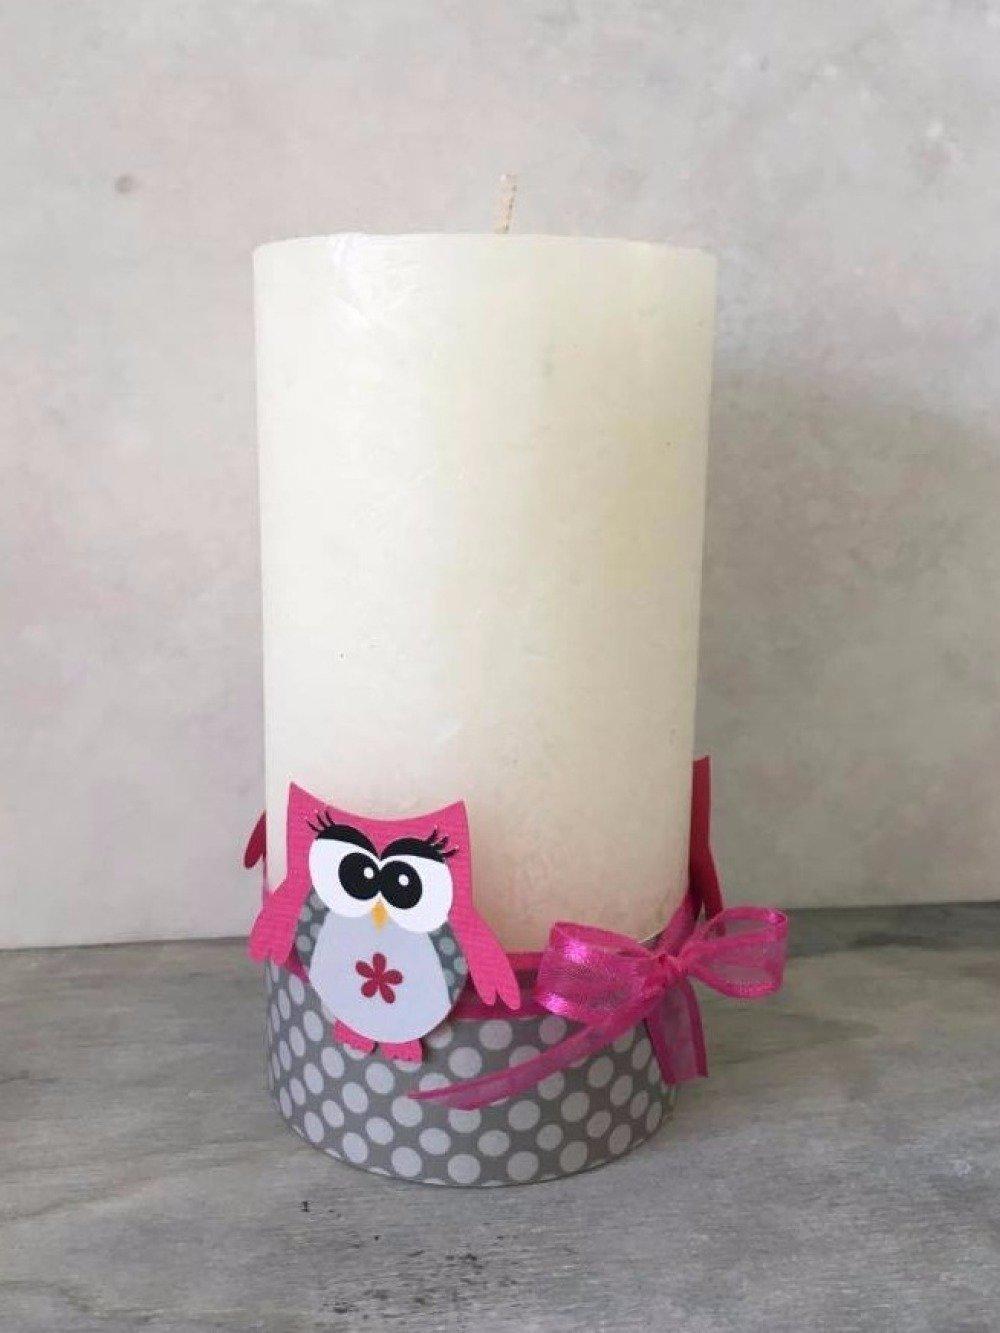 Bougie Décoration De Table bougie décoration hibou chouette - décoration de table baptême communion  anniversaire fille